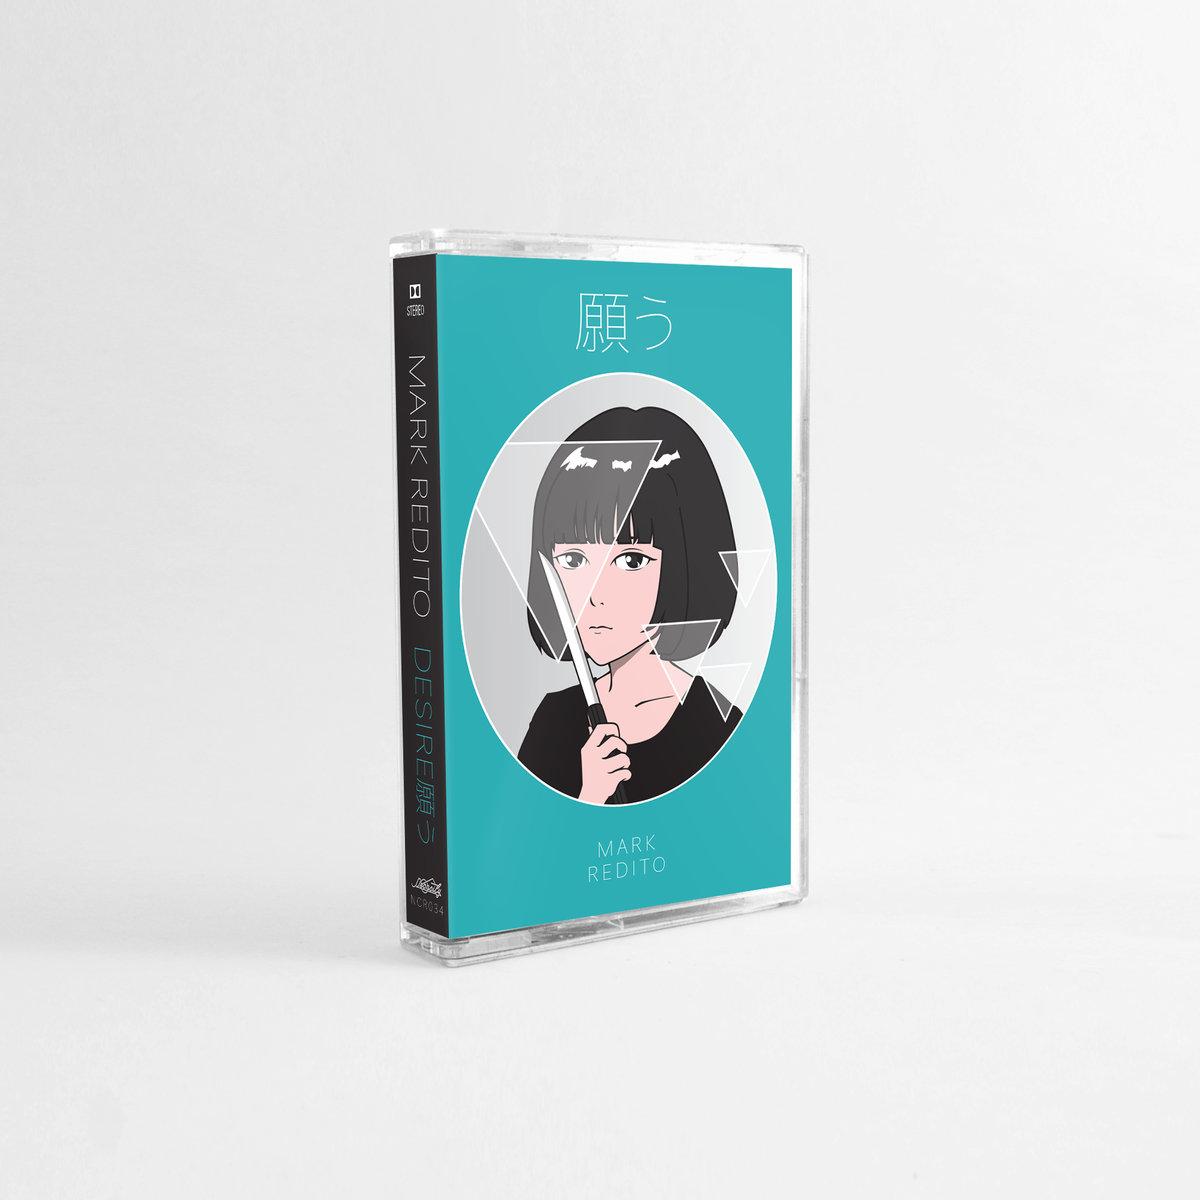 Desire 願う by Mark Redito (Cassette) 3